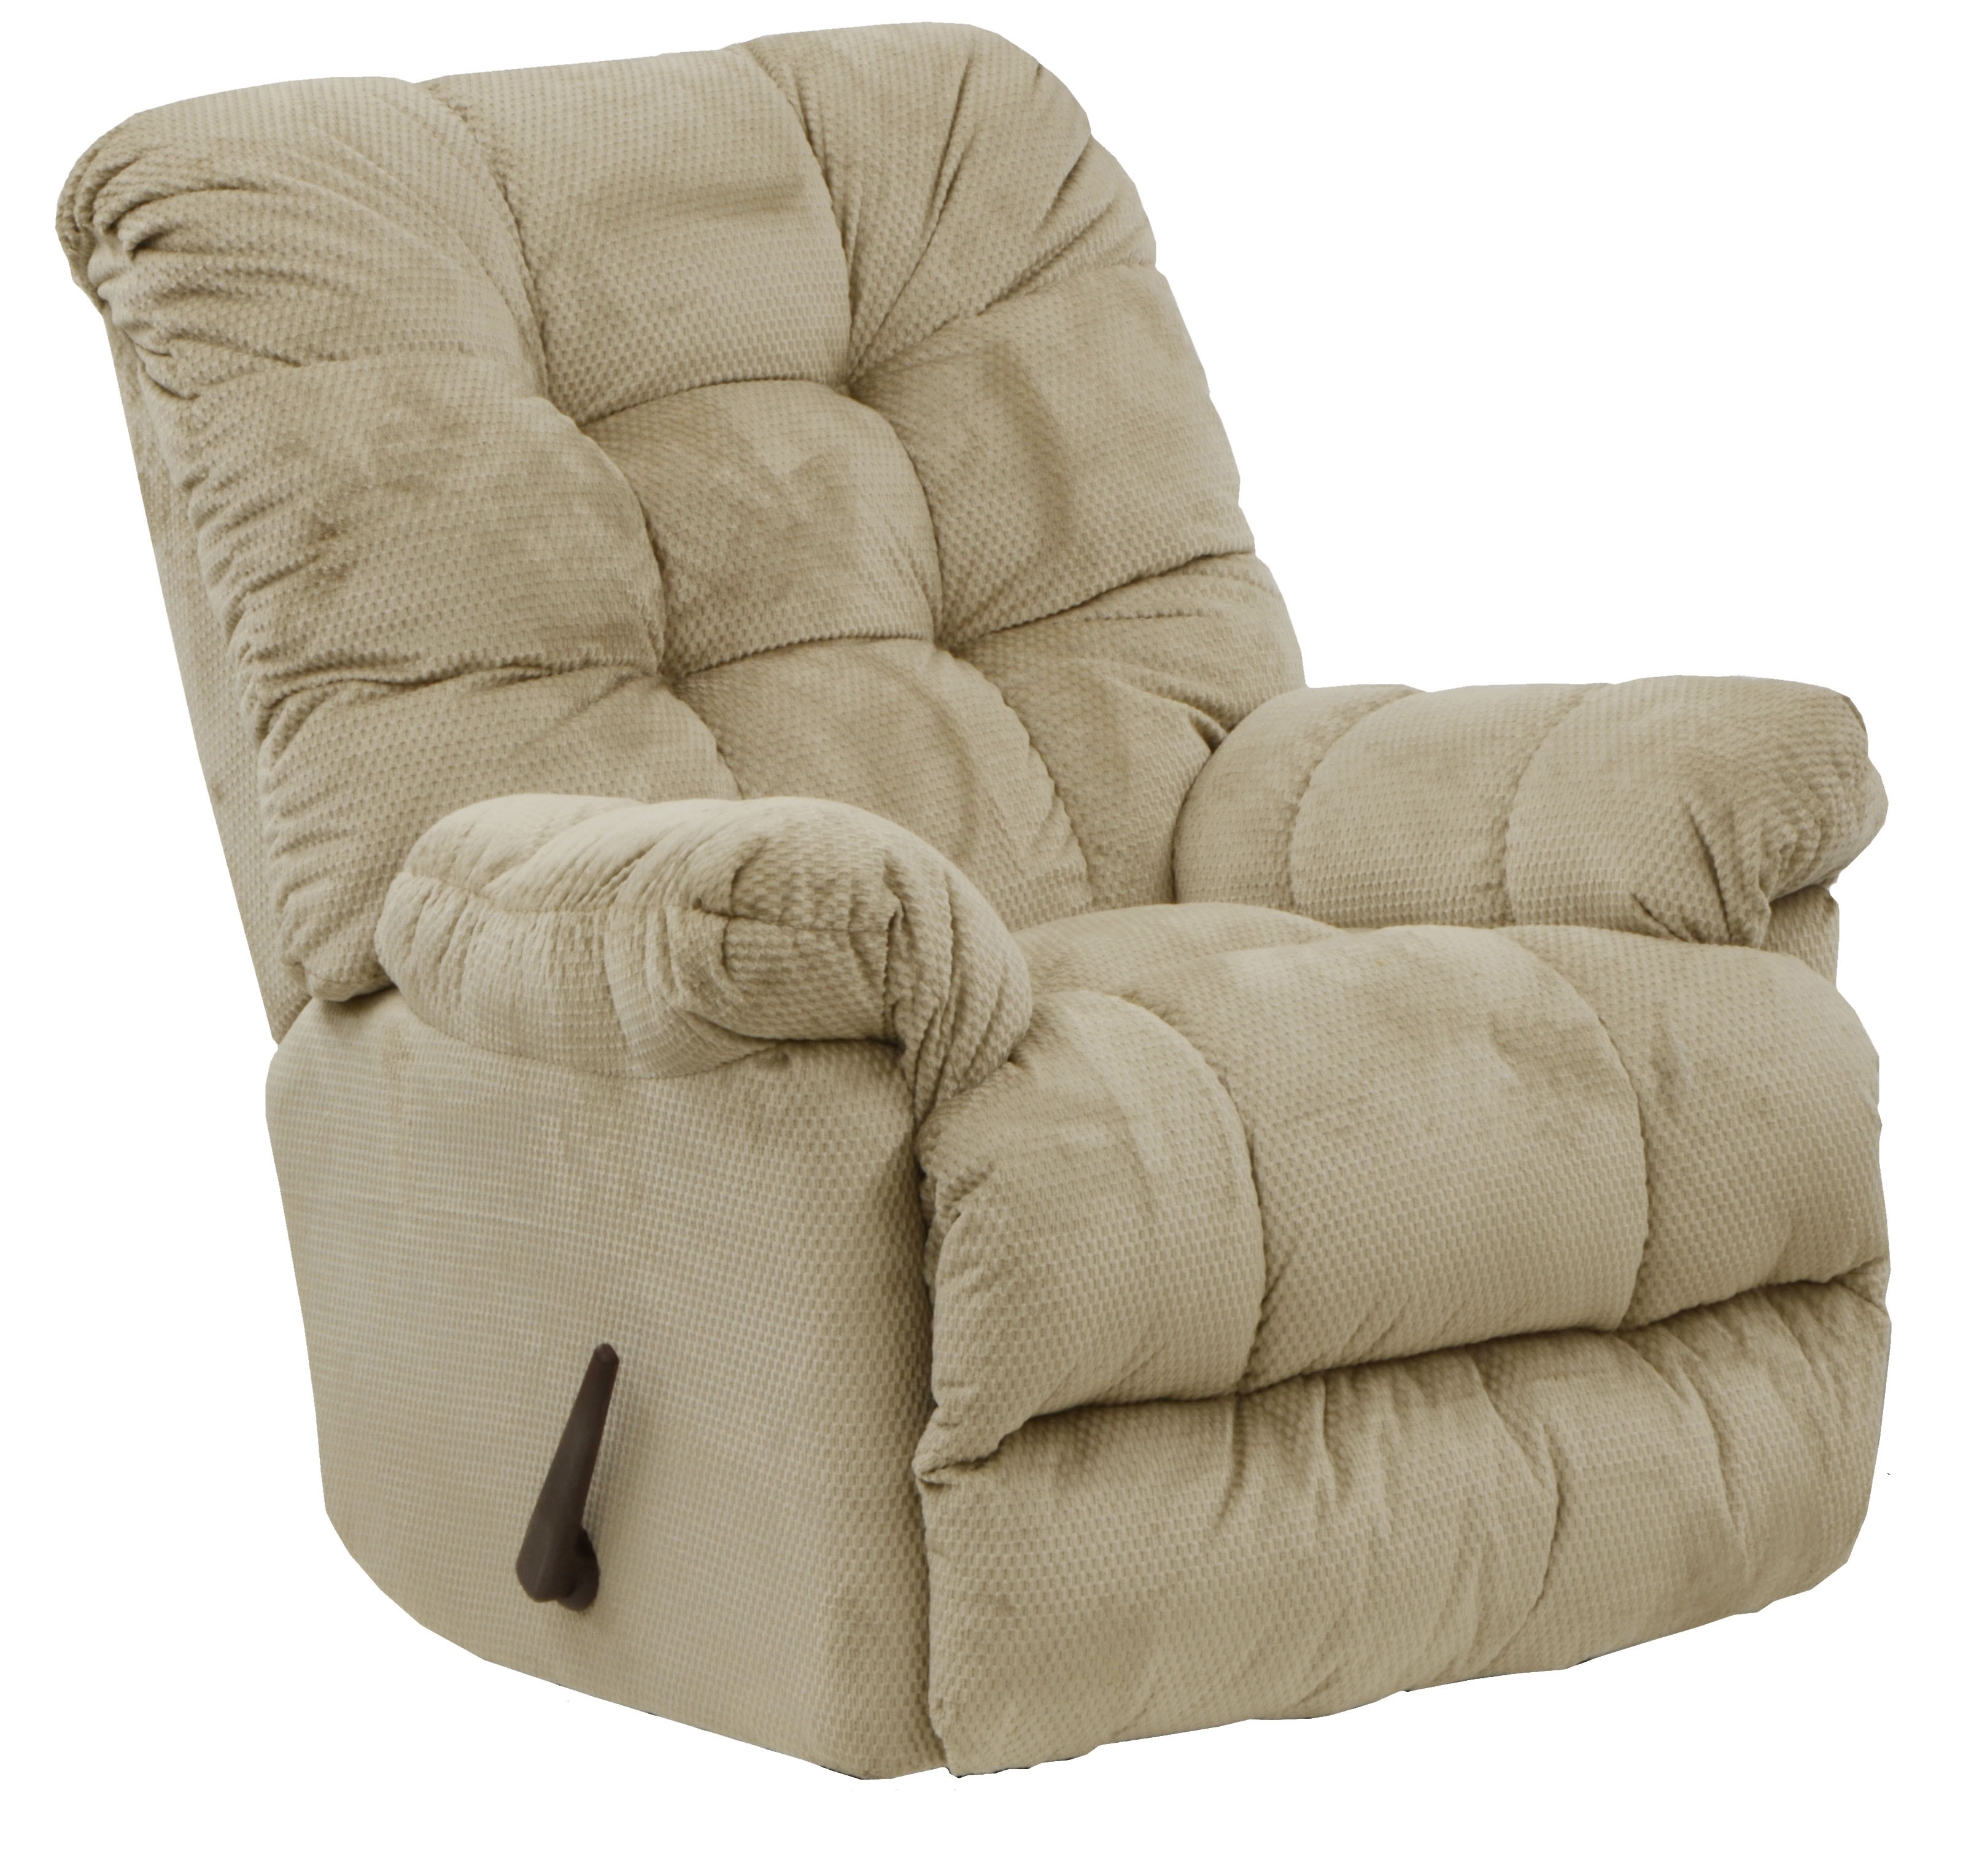 Nettles masszázs TV fotel extra őzbarna kárpittal raktárról